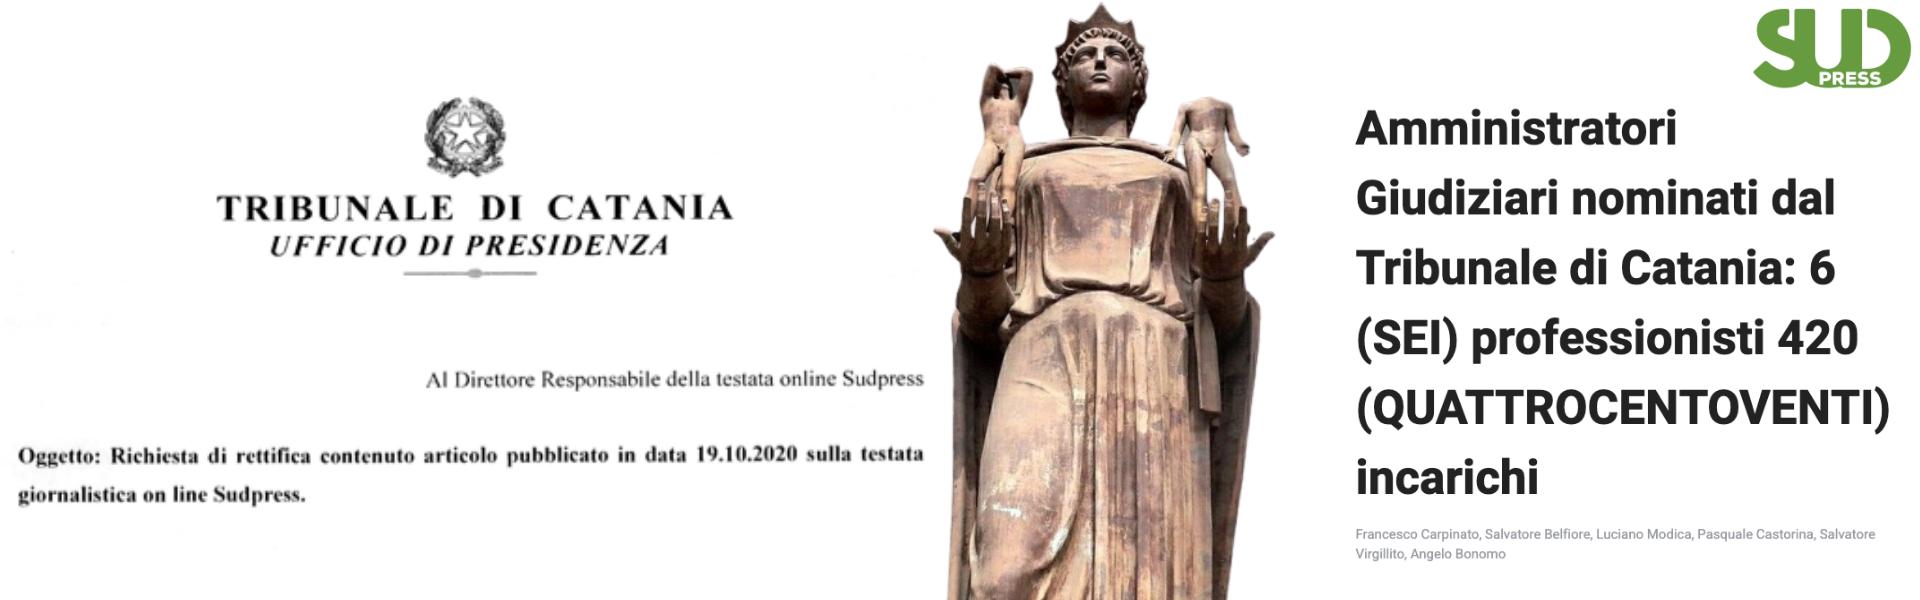 Una cosa bella, importante e utile: il Banco Alimentare al MAAS di Catania